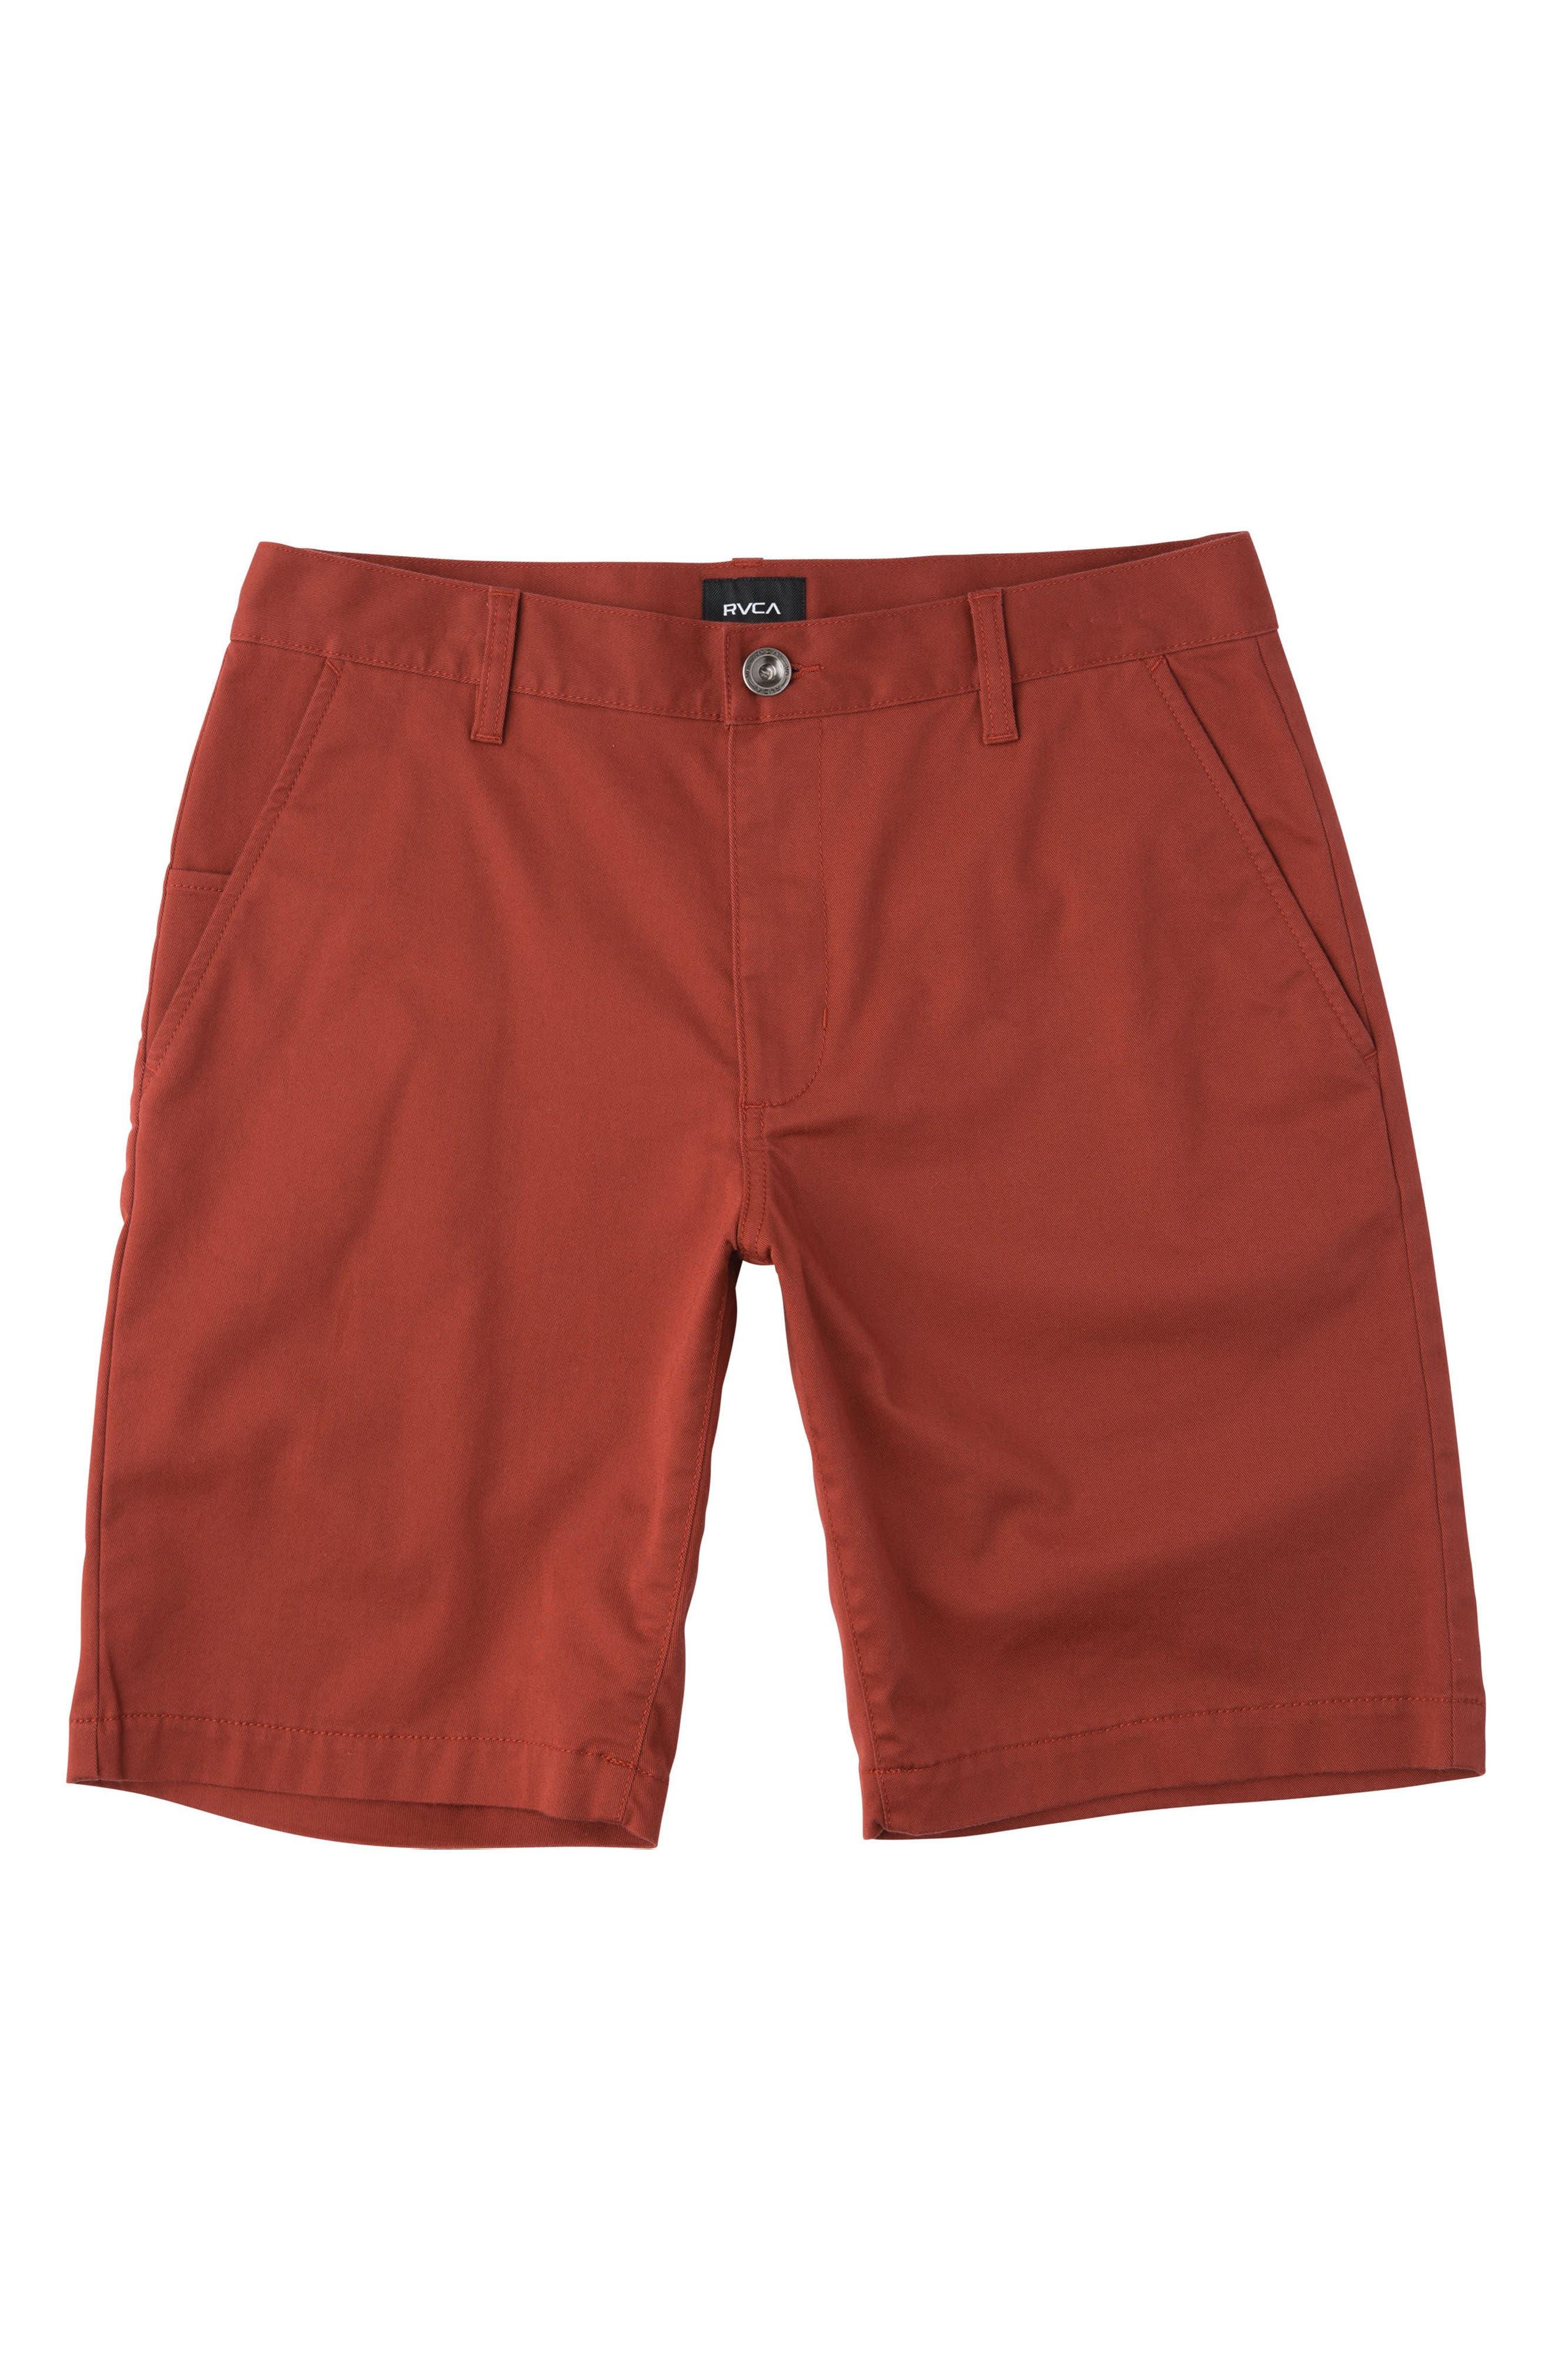 'Weekday' Shorts,                         Main,                         color, ROSEWOOD